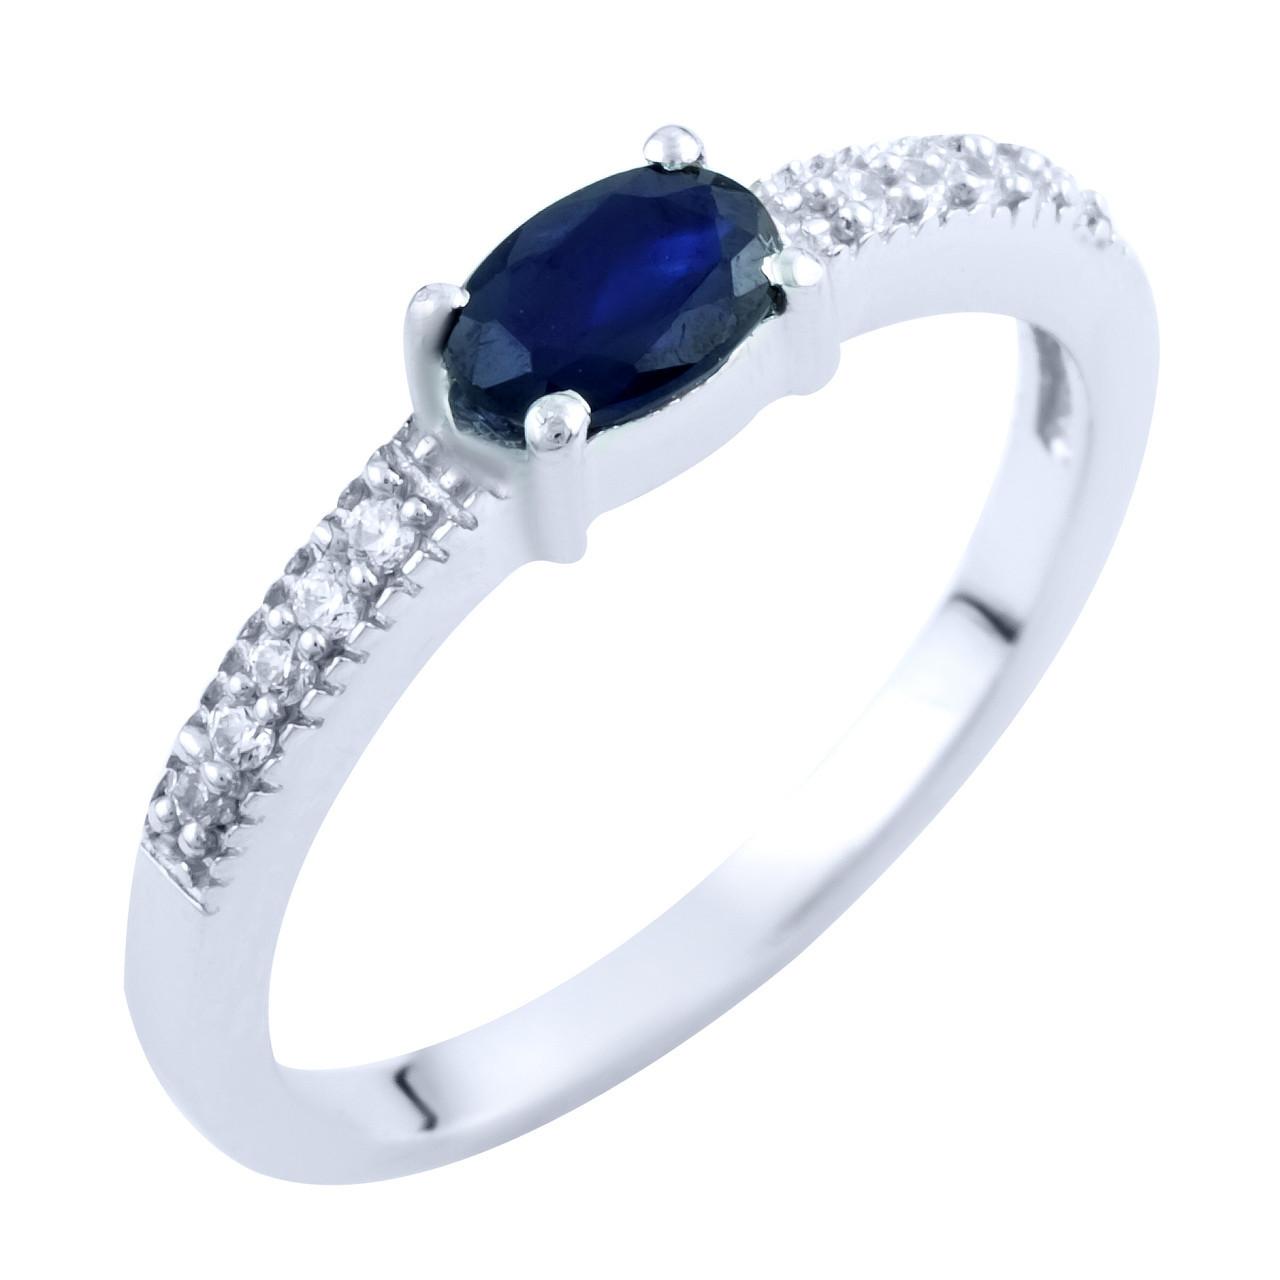 Родированное серебряное кольцо 925 пробы с натуральным сапфиром